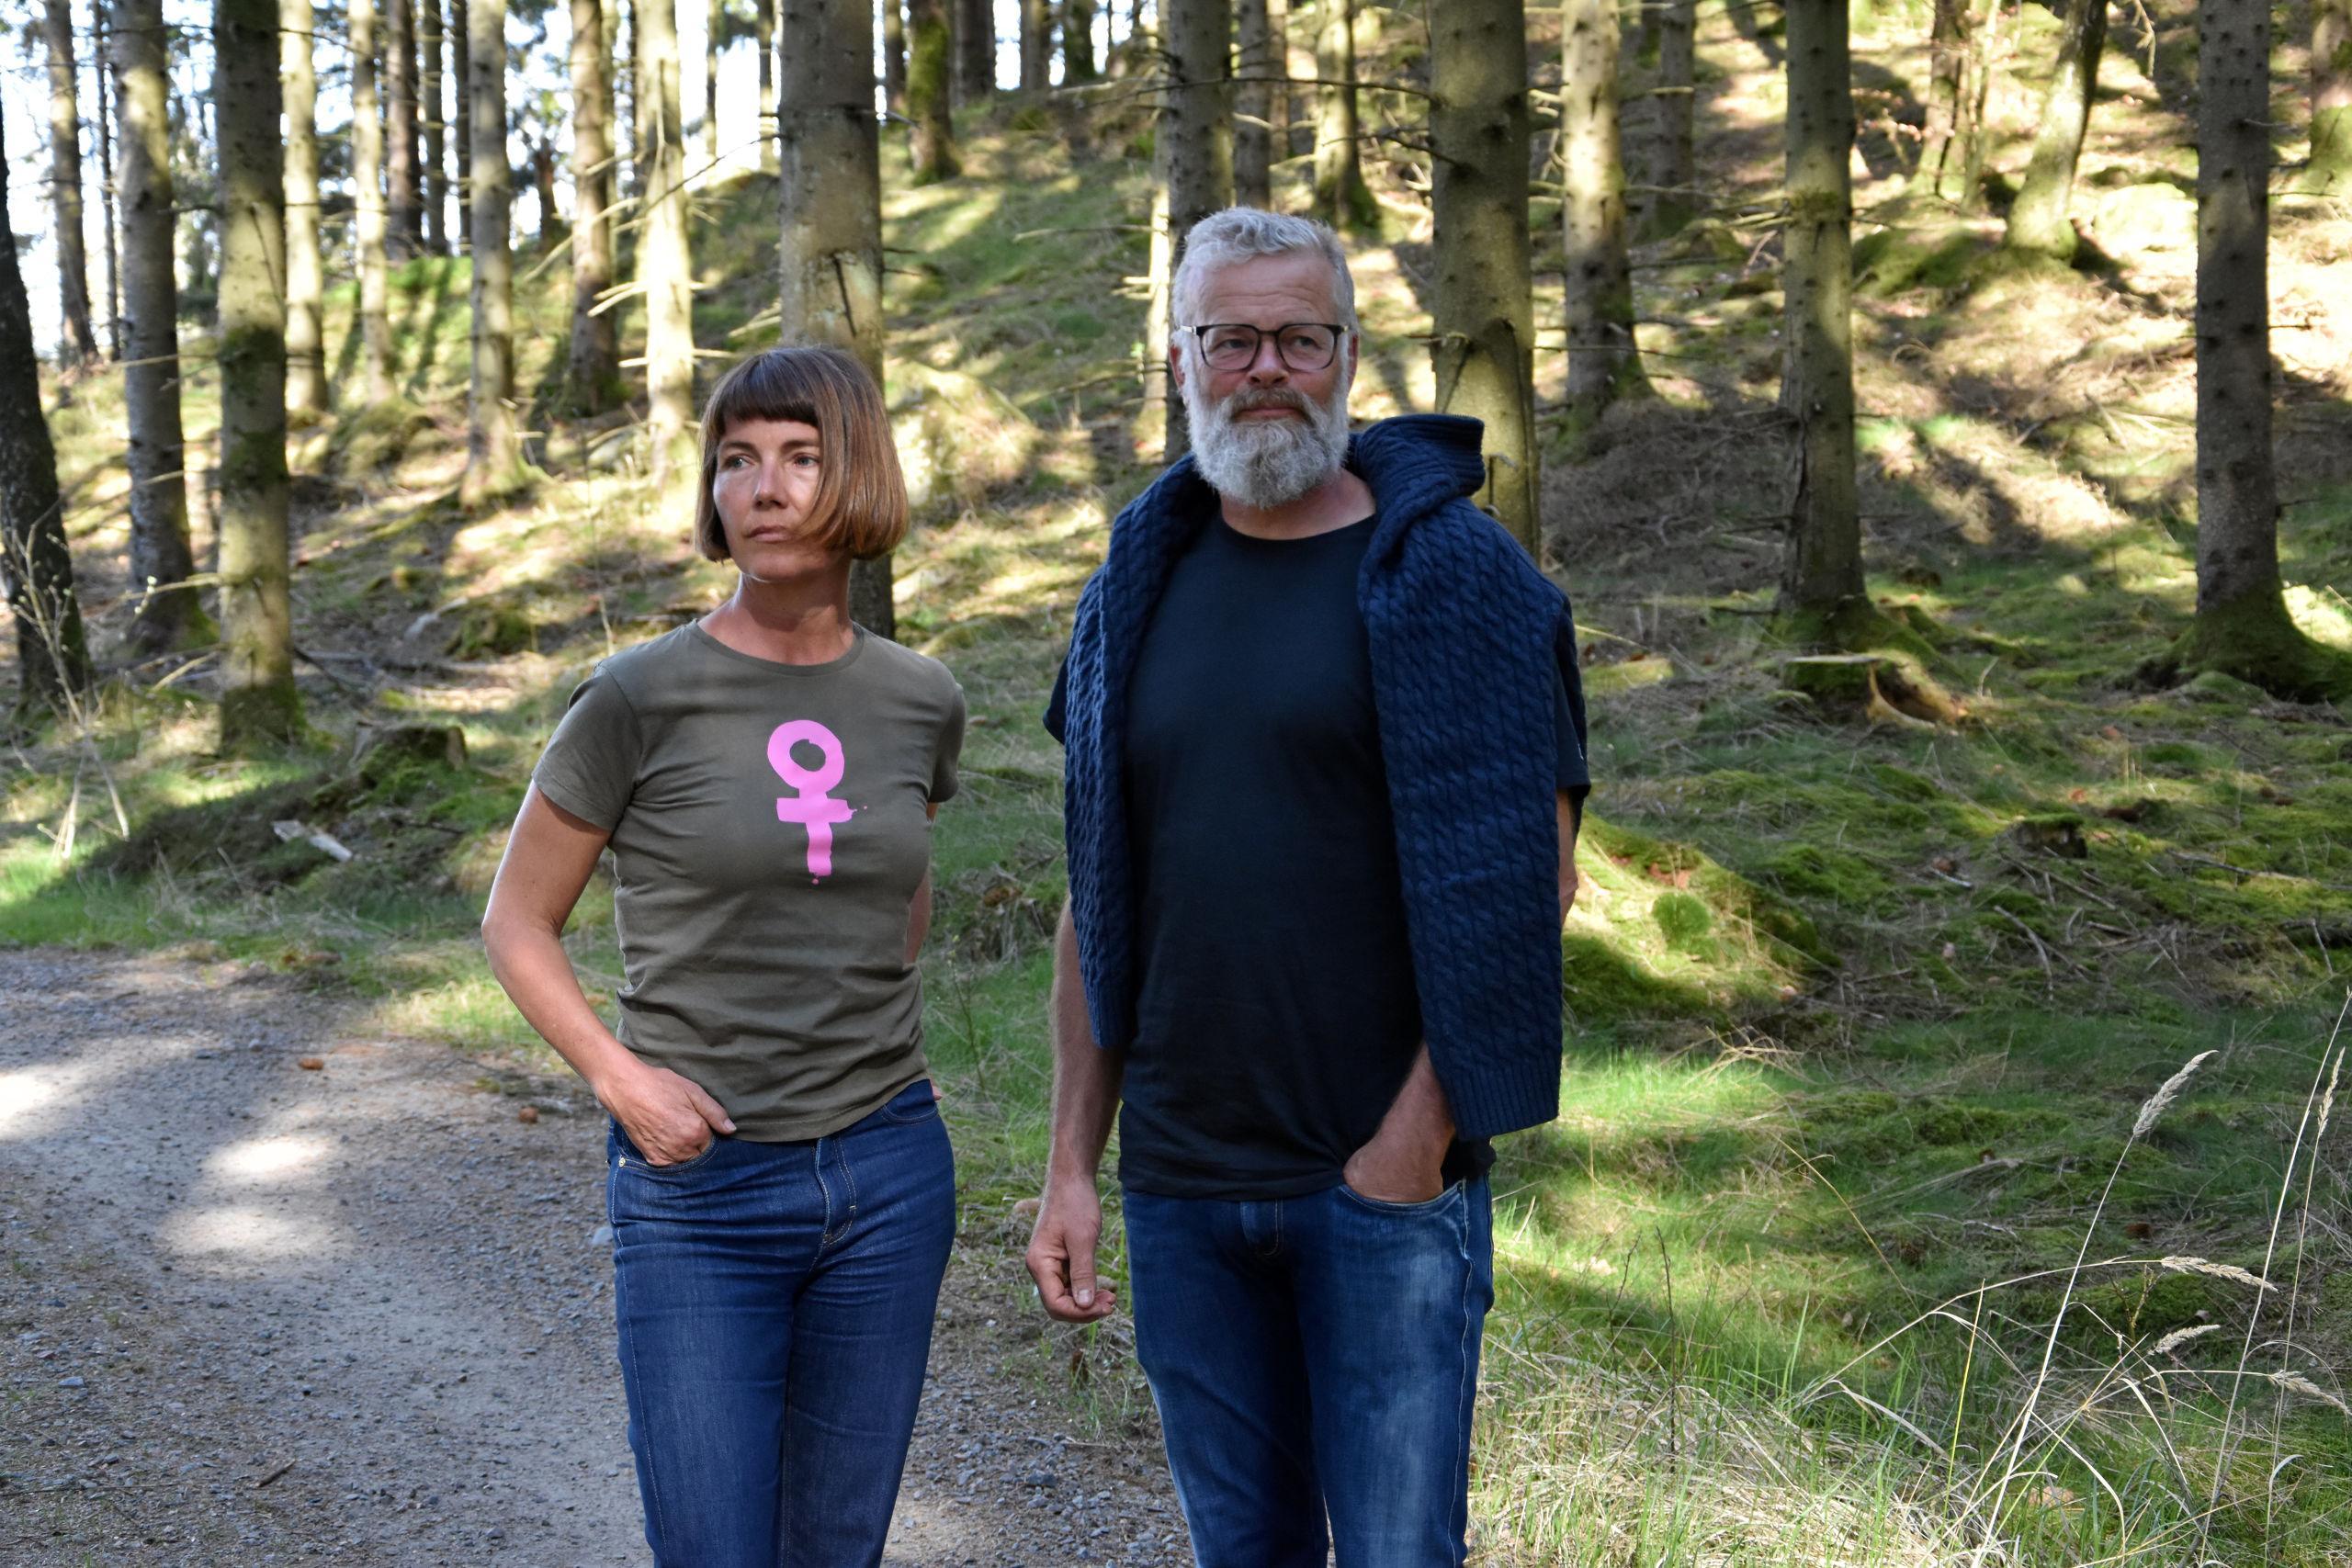 Markägare är kritiska till turistinvasion i Åkulla bokskogar